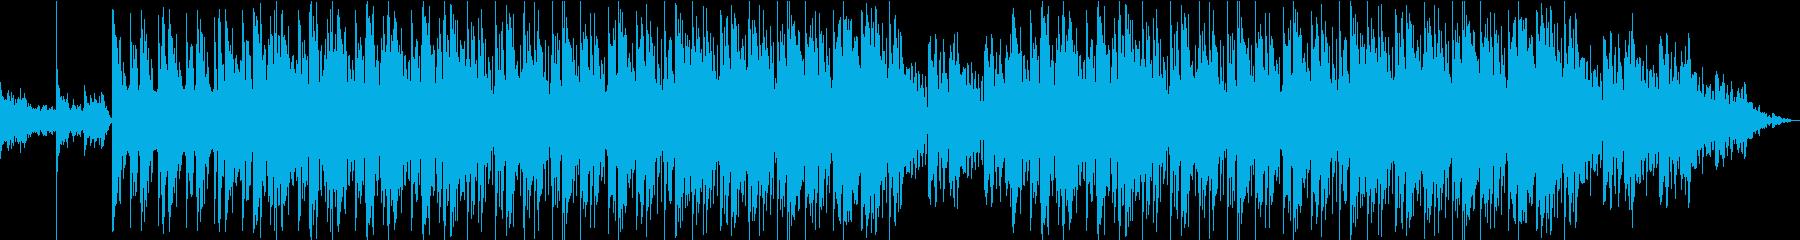 ドキュメンタリーのBGM-ピアノ・弦楽器の再生済みの波形